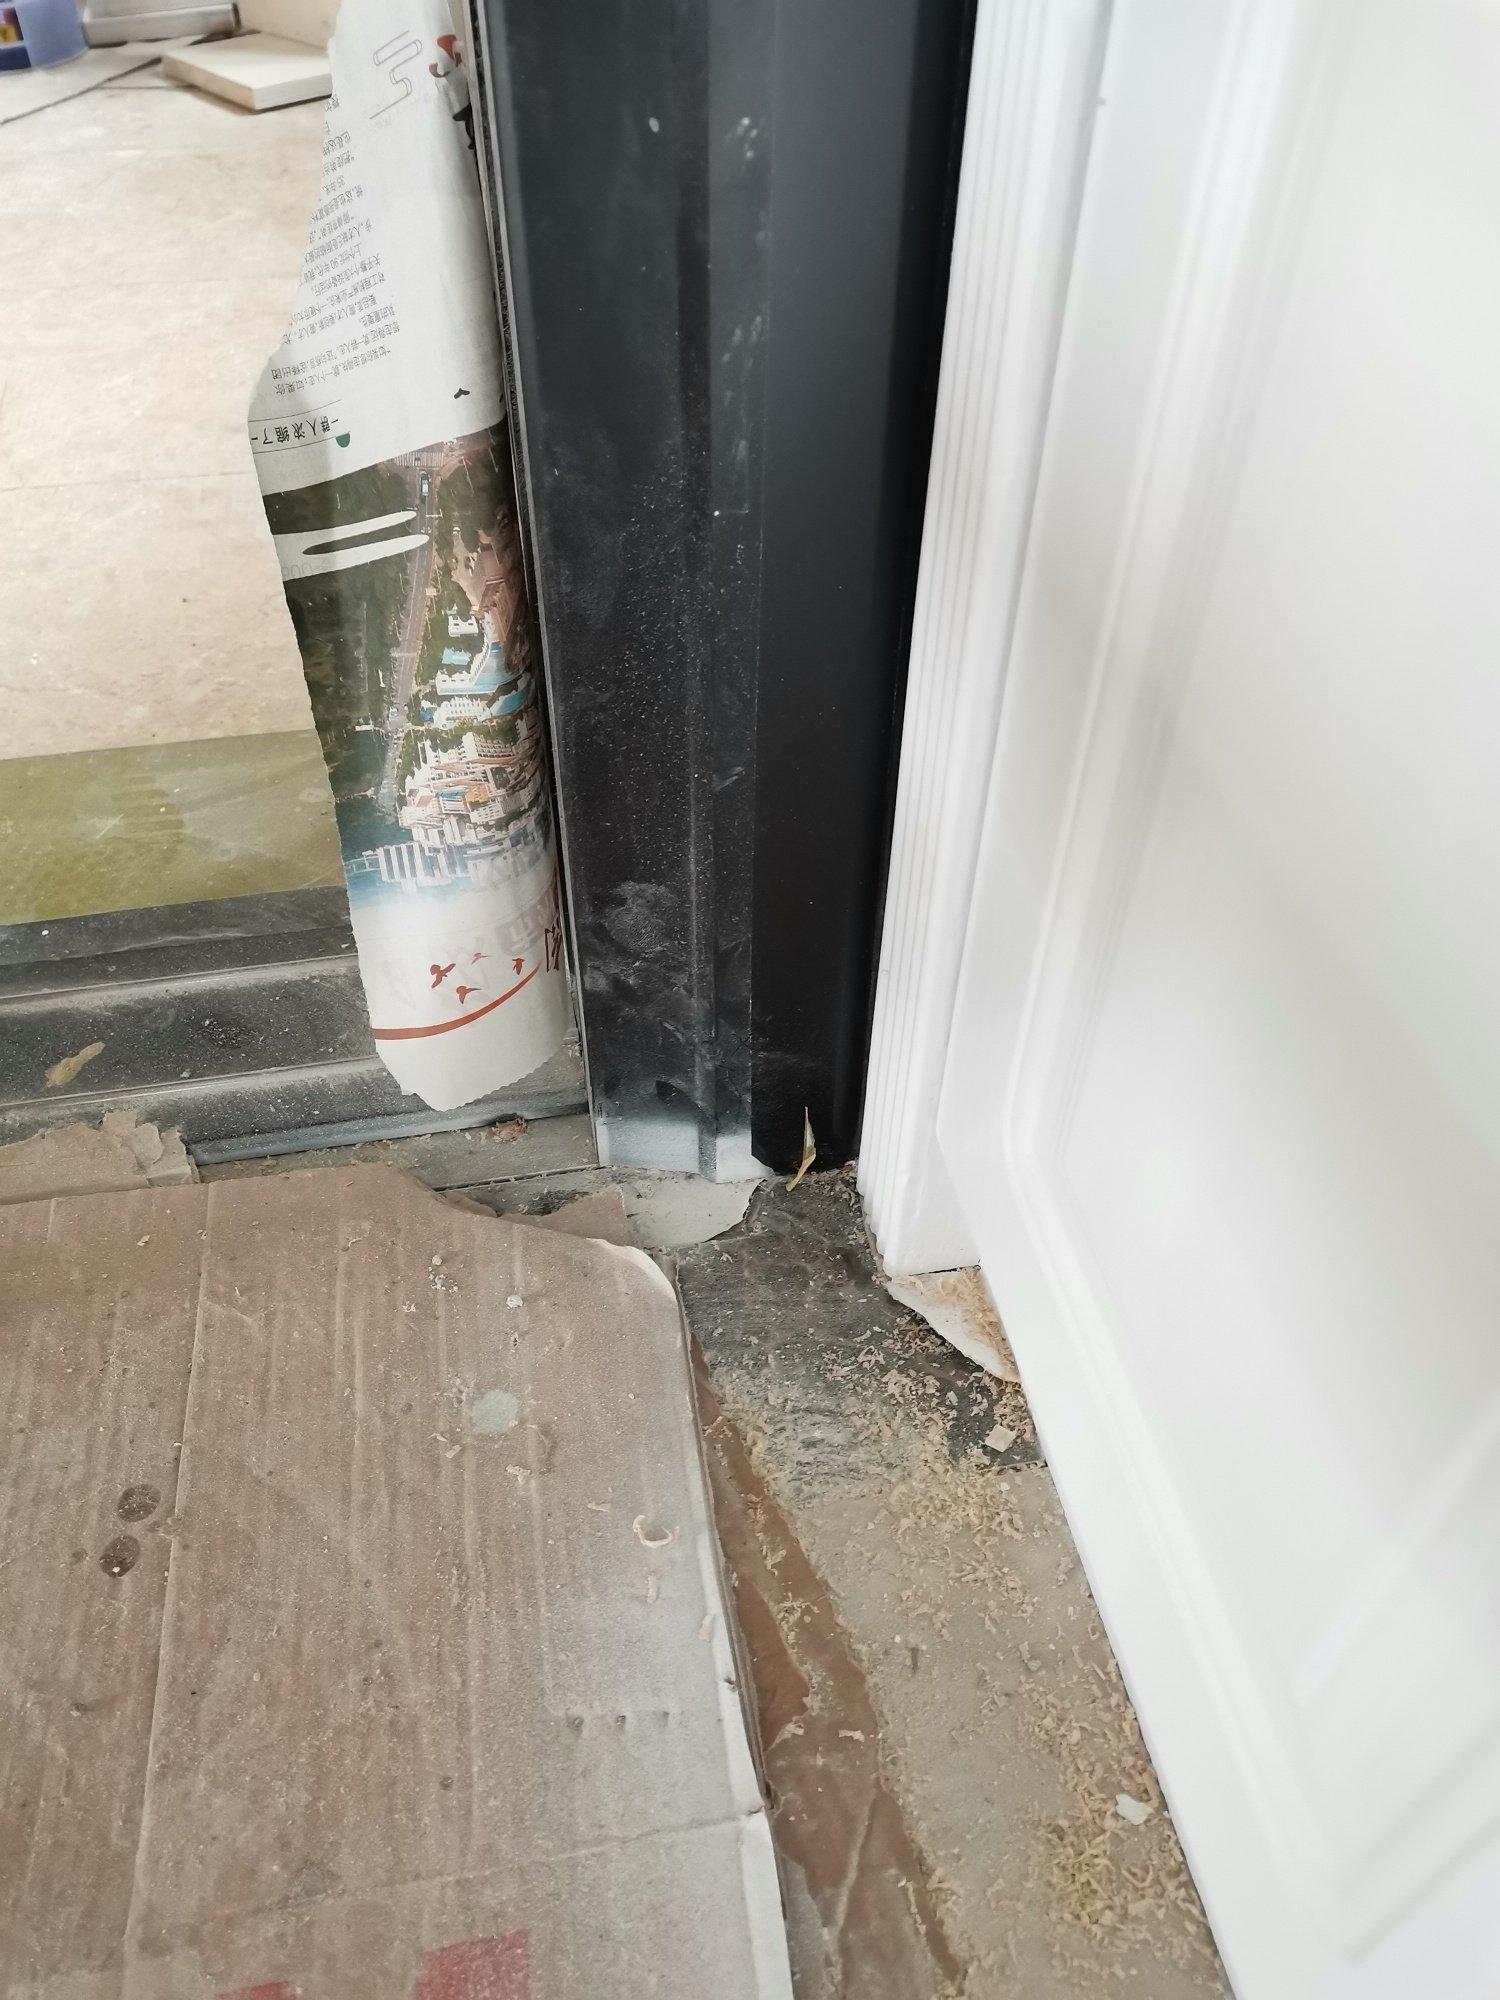 家柜喷漆时,不小心把白色油漆喷到厨房的黑色铝合金门框上了,有什么办法擦掉吗?